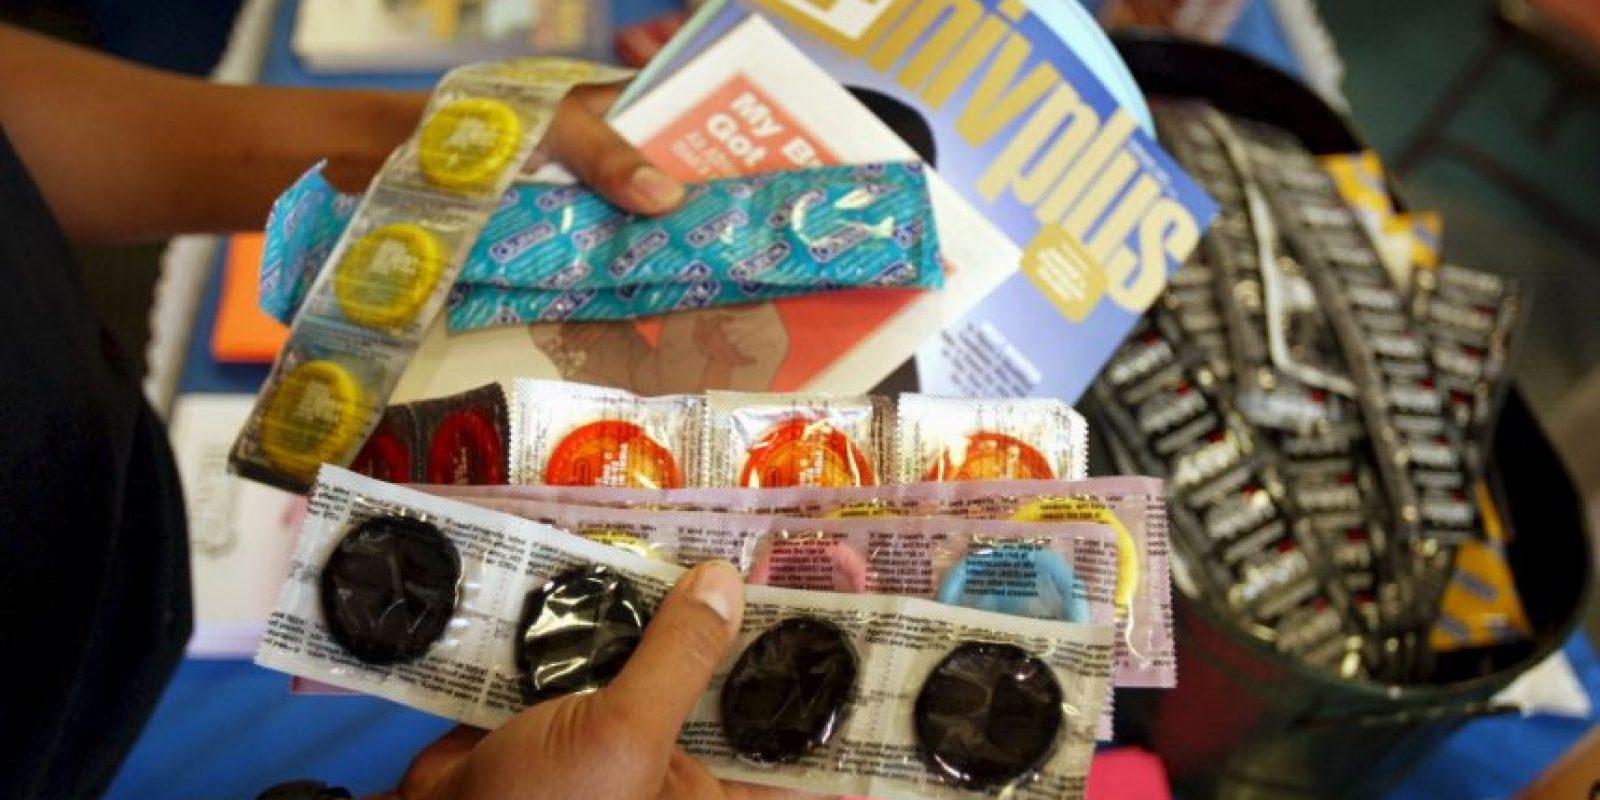 Candidato del Partido Popular español usa condones como propaganda. Foto:Getty Images